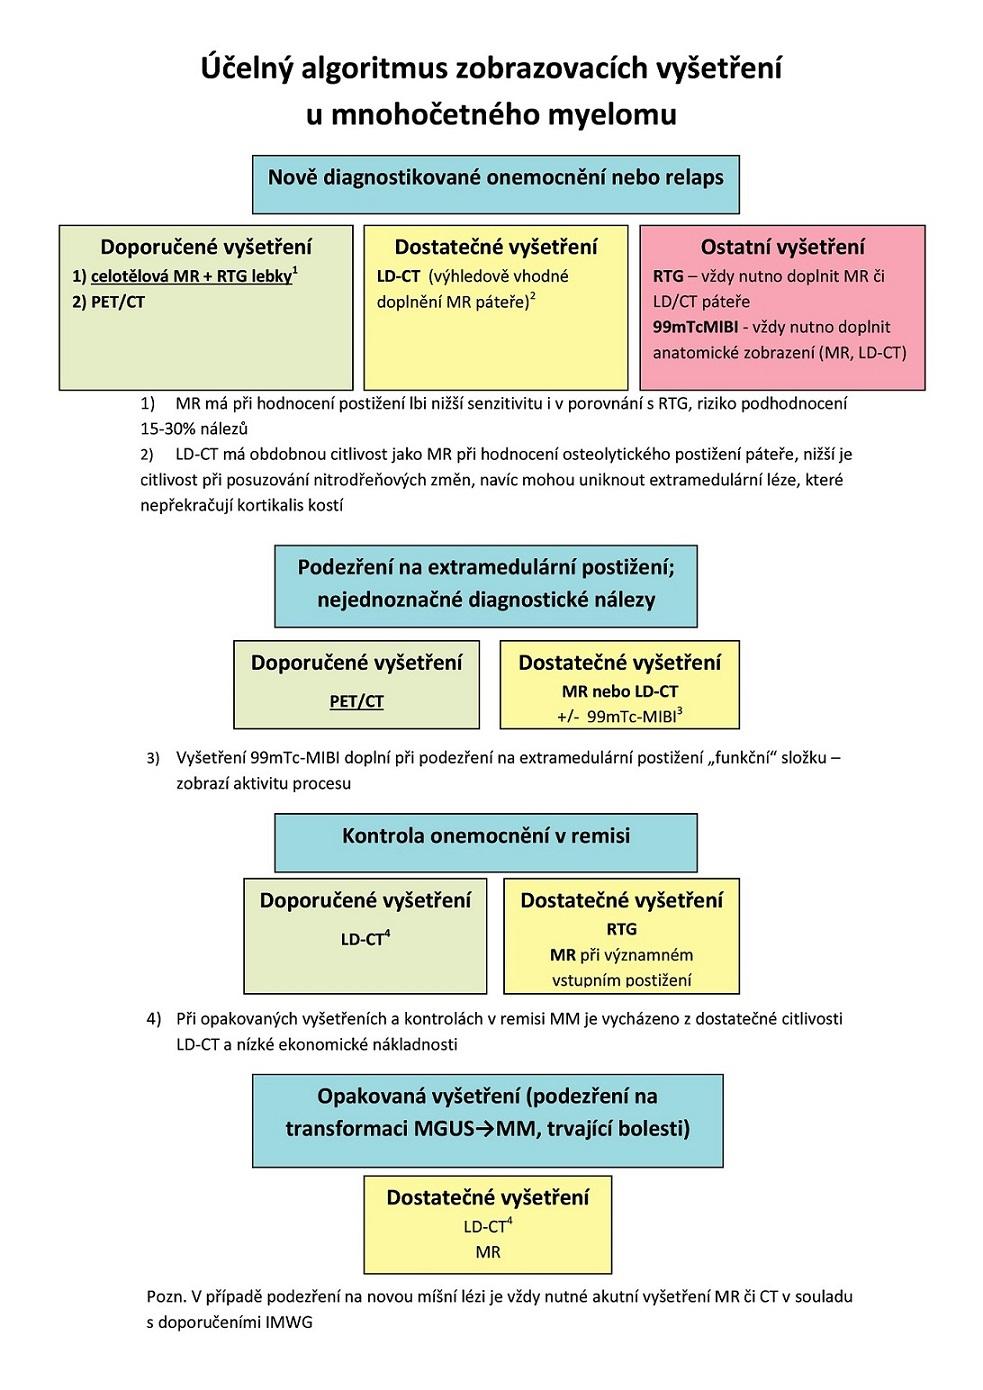 Účelný algoritmus zobrazovacích vyšetření u mnohočetného myelomu <i>Pozn.: V případě podezření na novou míšní lézi je vždy nutné akutní vyšetření MR či CT v souladu s doporučeními IMWG.</i>